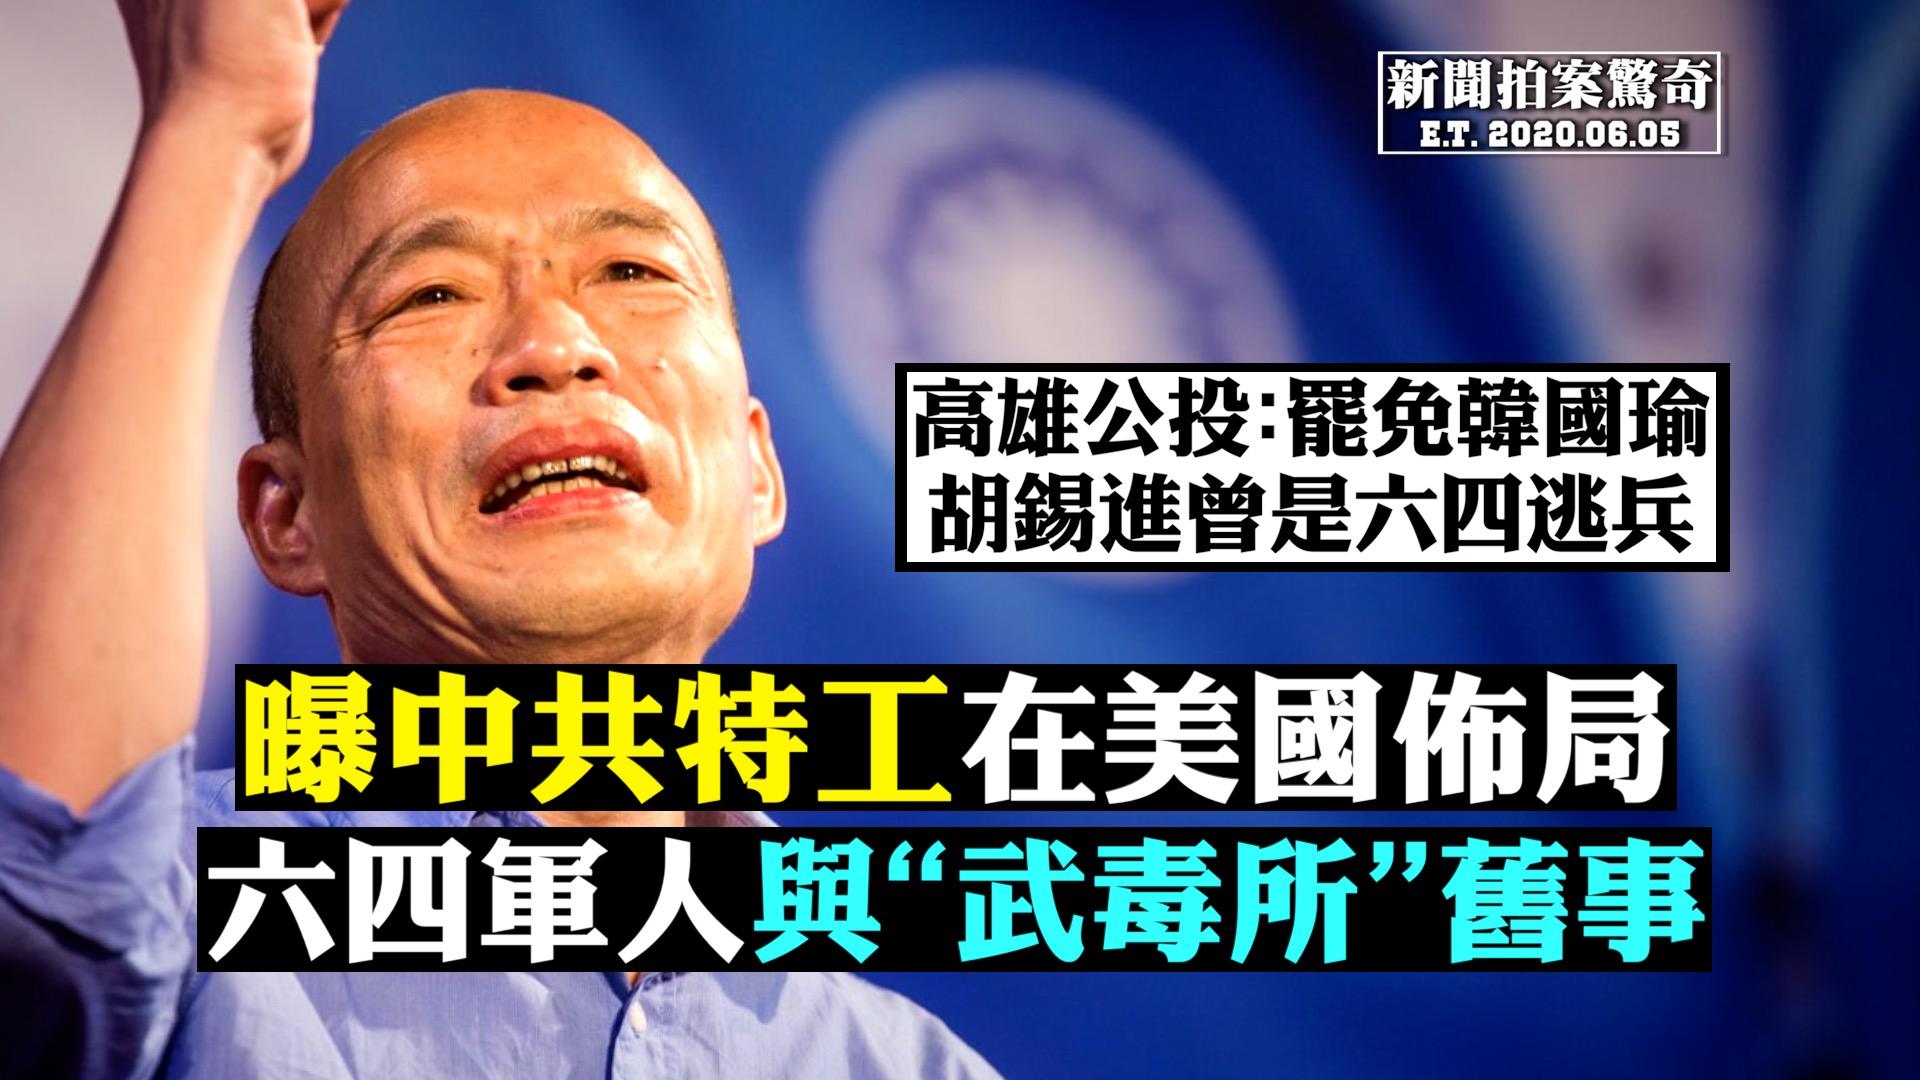 除了對89年的學潮銘記以外,香港人的持續抗爭,前中國國足男1號「郝海東」,公開宣佈消滅中共的發言,都令2020年的六四紀念不同以往。(新唐人合成)